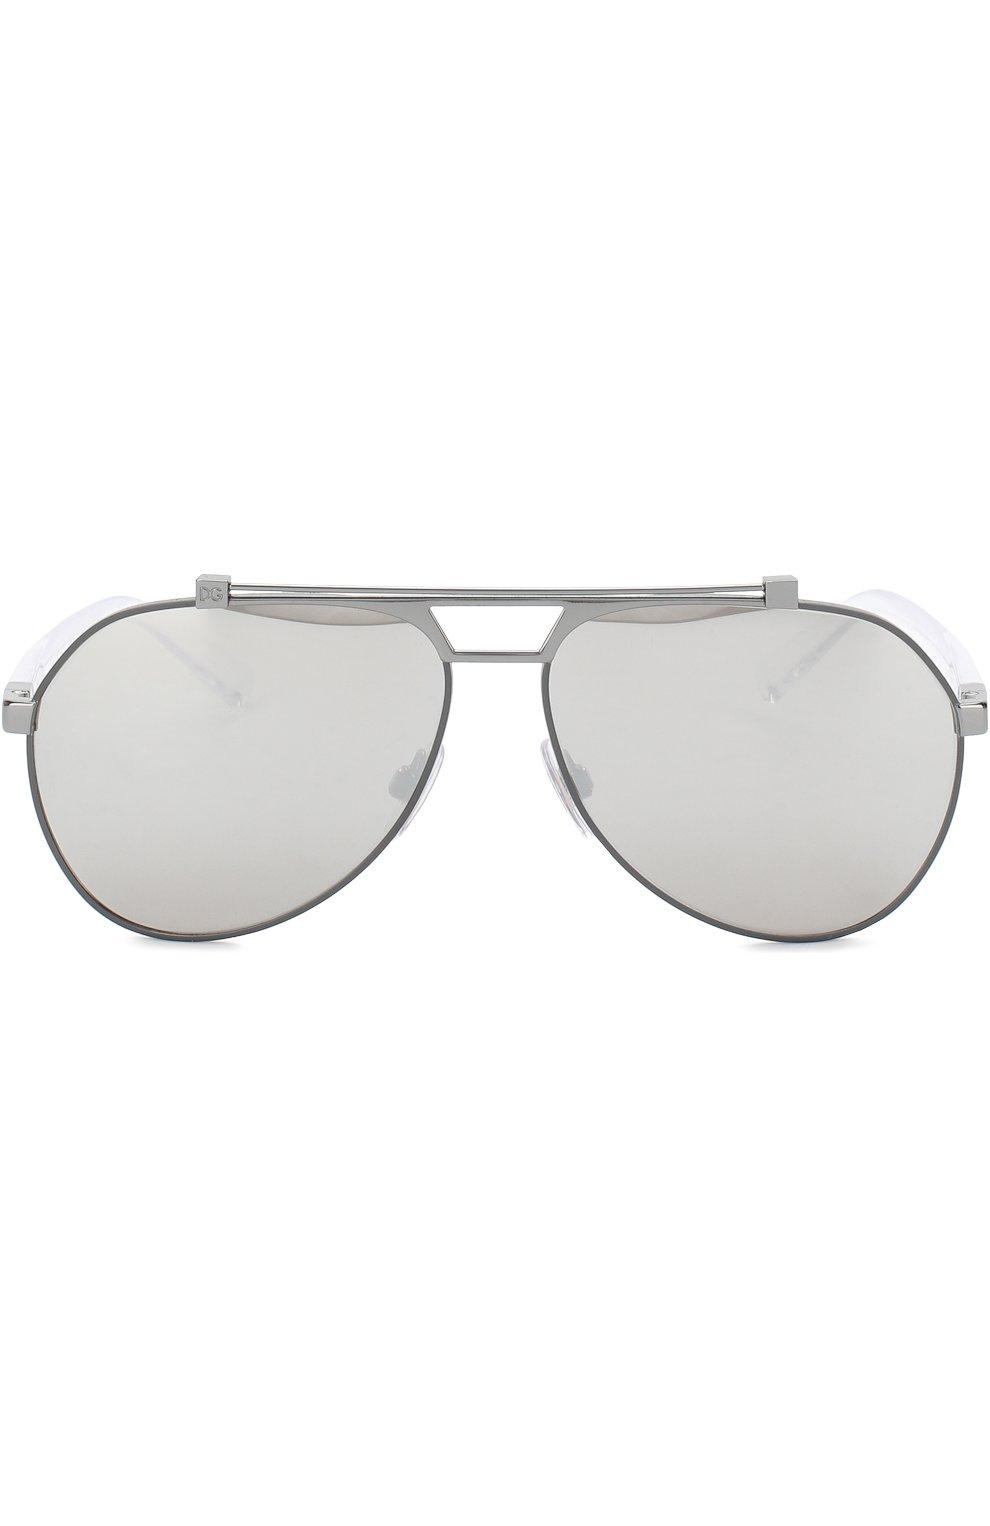 Мужские солнцезащитные очки DOLCE & GABBANA серебряного цвета, арт. 2189-04/6G   Фото 2